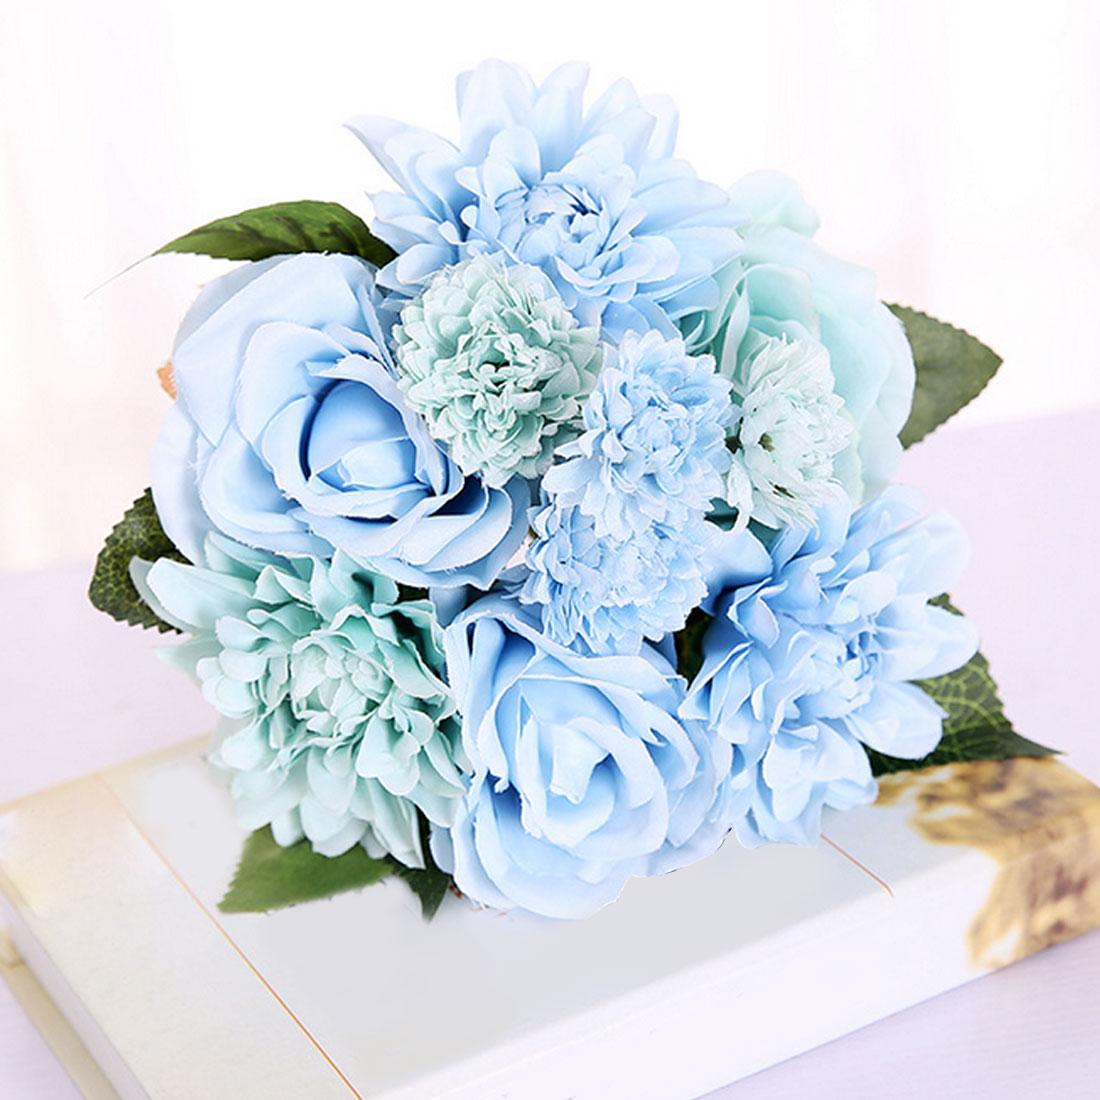 Silk Wedding Flowers: Fall Vivid Fake Leaf Wedding Flower Bridal Bouquets